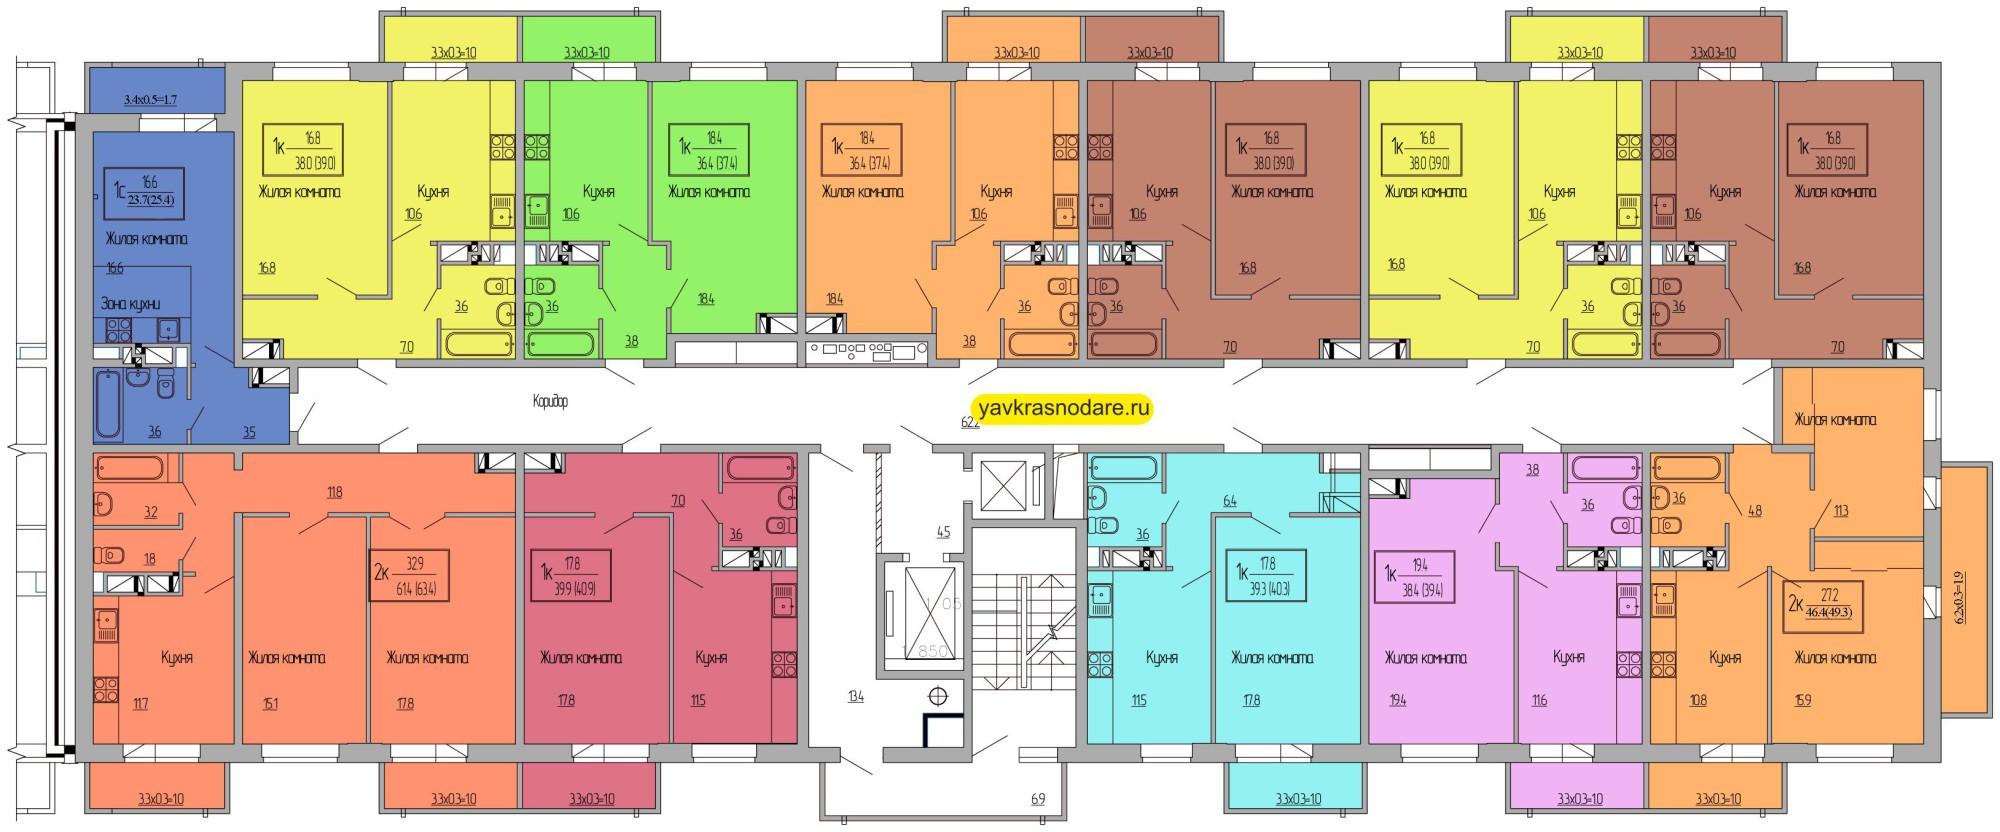 Атмосфера, 3 подъезд, 2-7 этажи